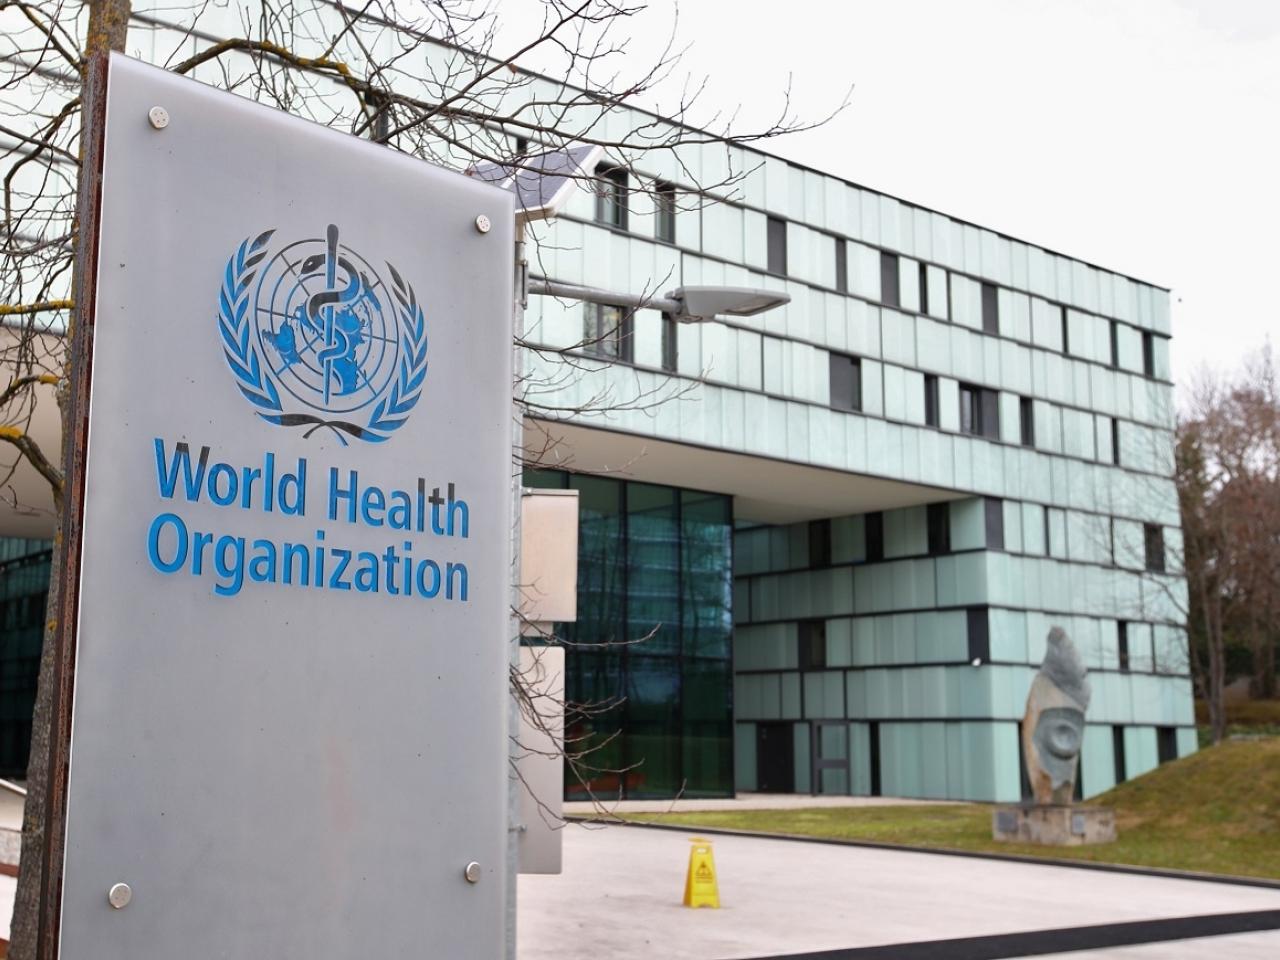 الصحة العالمية تحذر من تخفيف الحظر بعد تسجيل مليون إصابة في 8 أيام وتدعو للإستعداد والتضامن 2